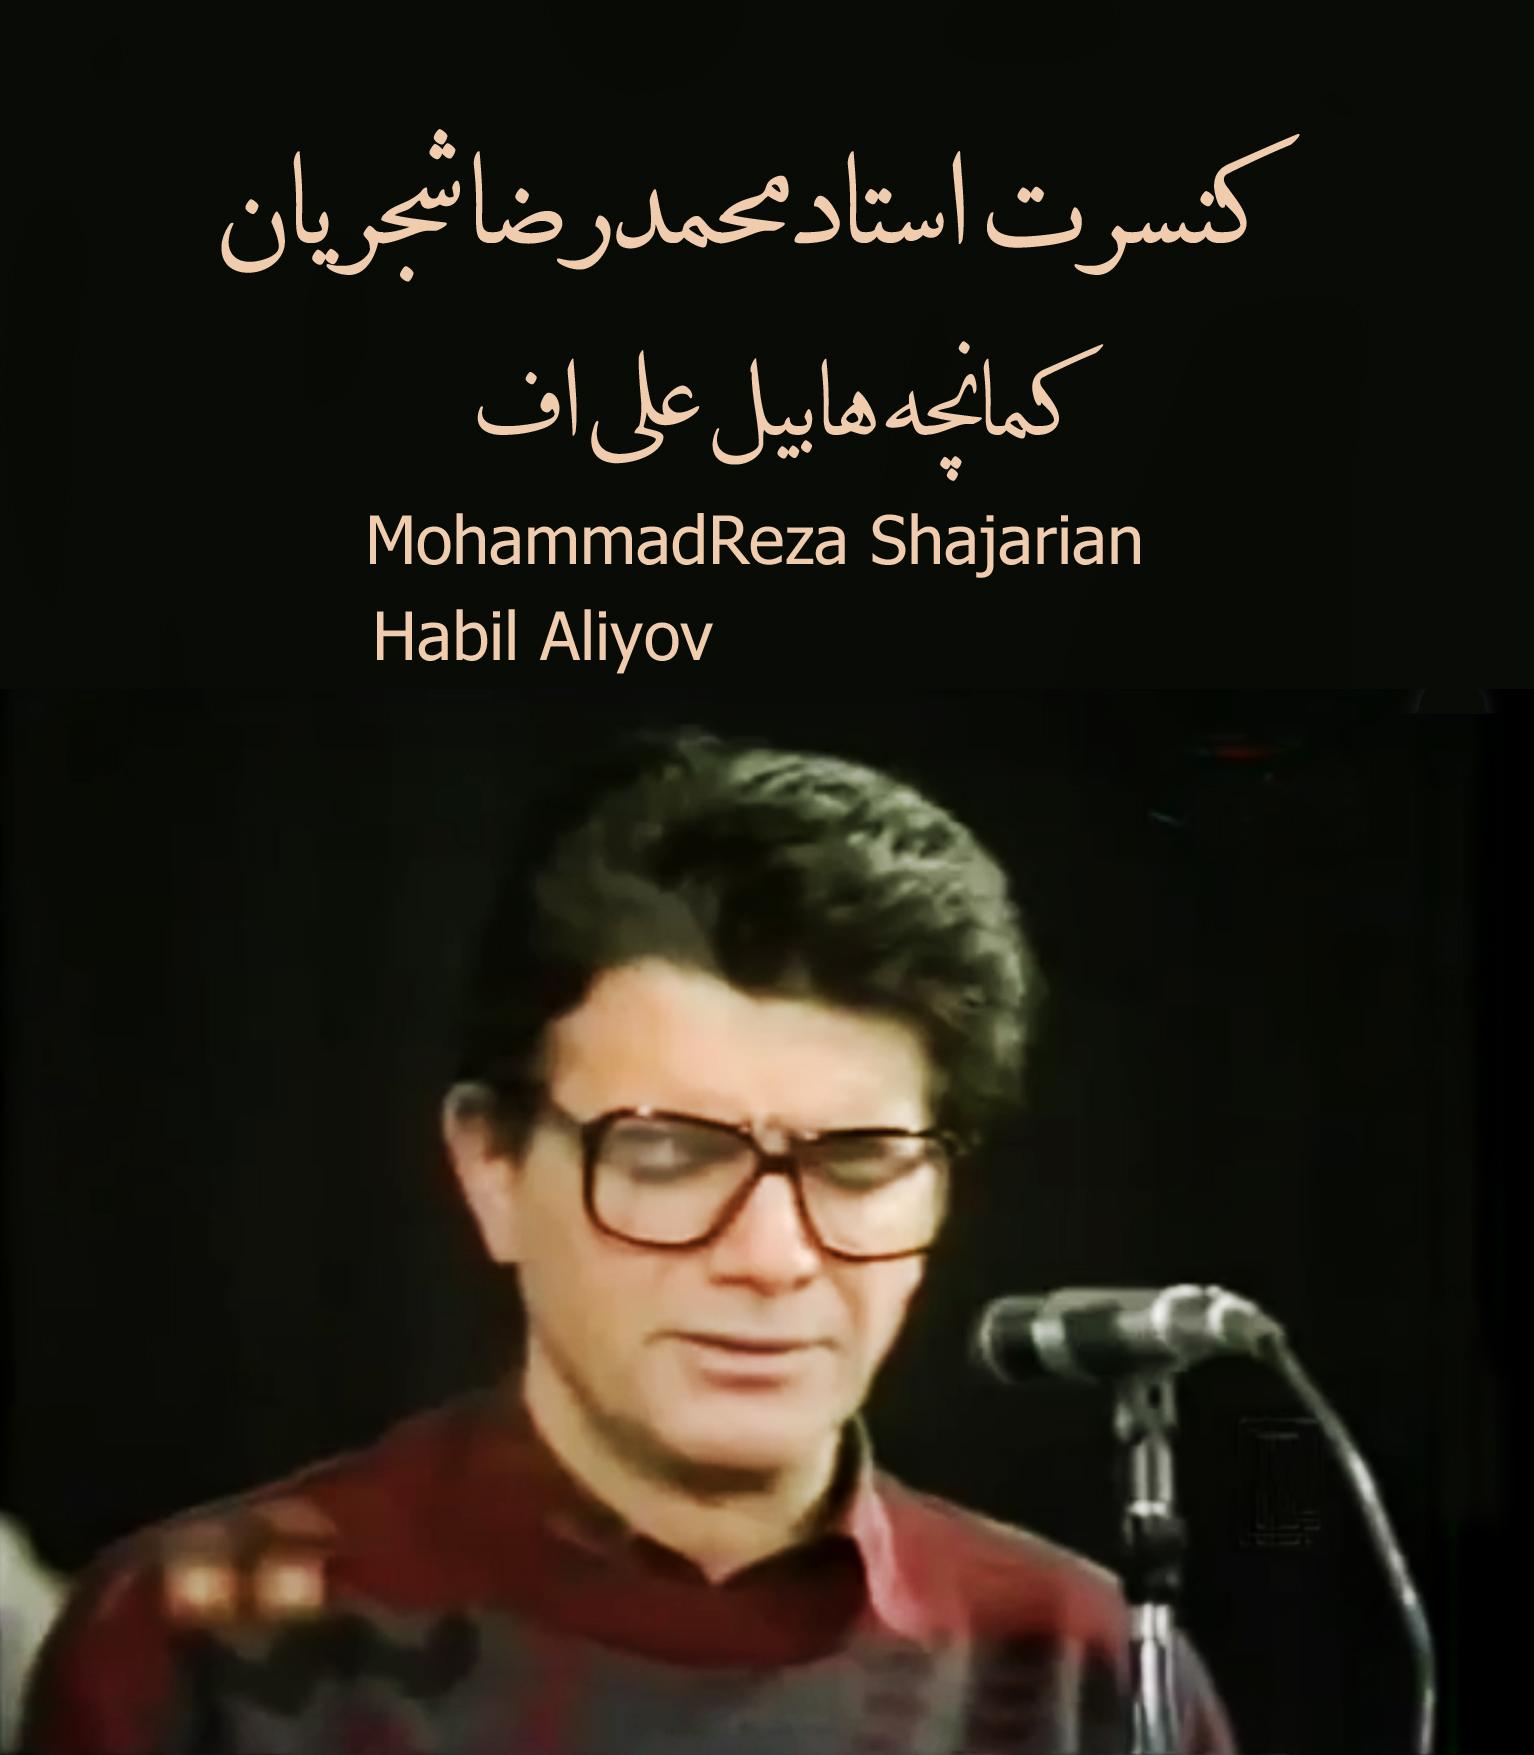 کنسرت استاد محمدرضا شجریان وهابیل علی اف